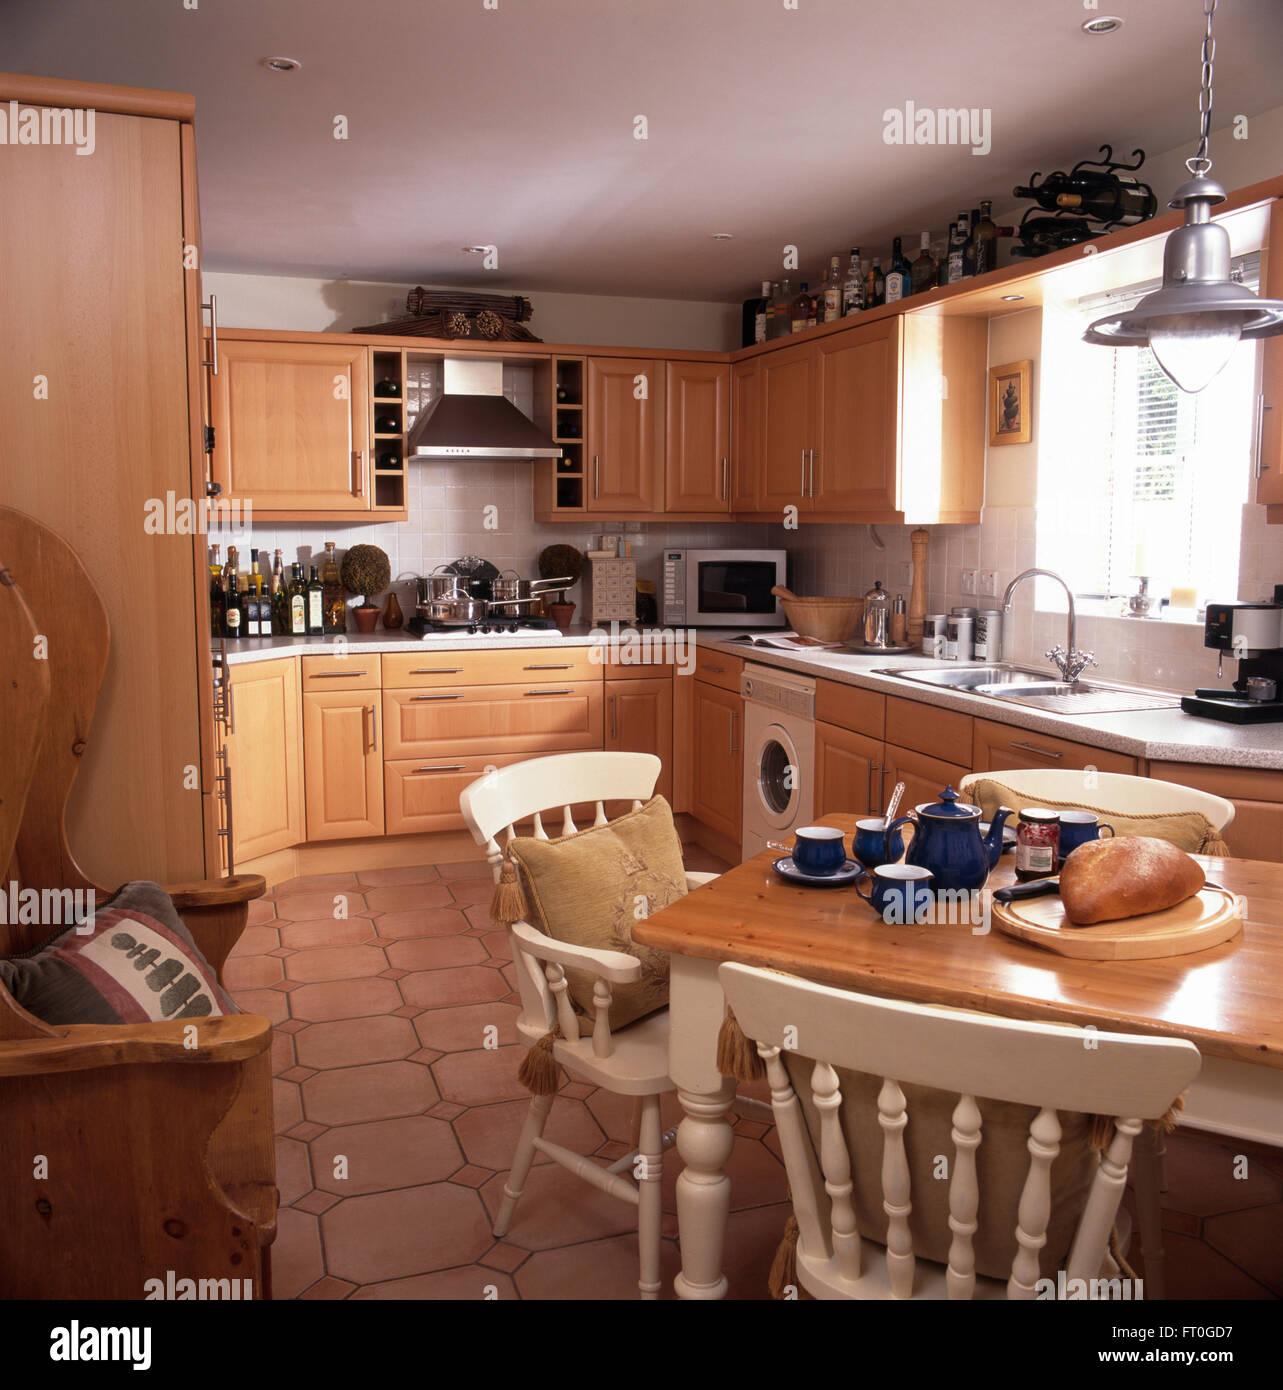 Weiss lackiert, Stühle und Tisch in neunziger Jahre Küche mit ...